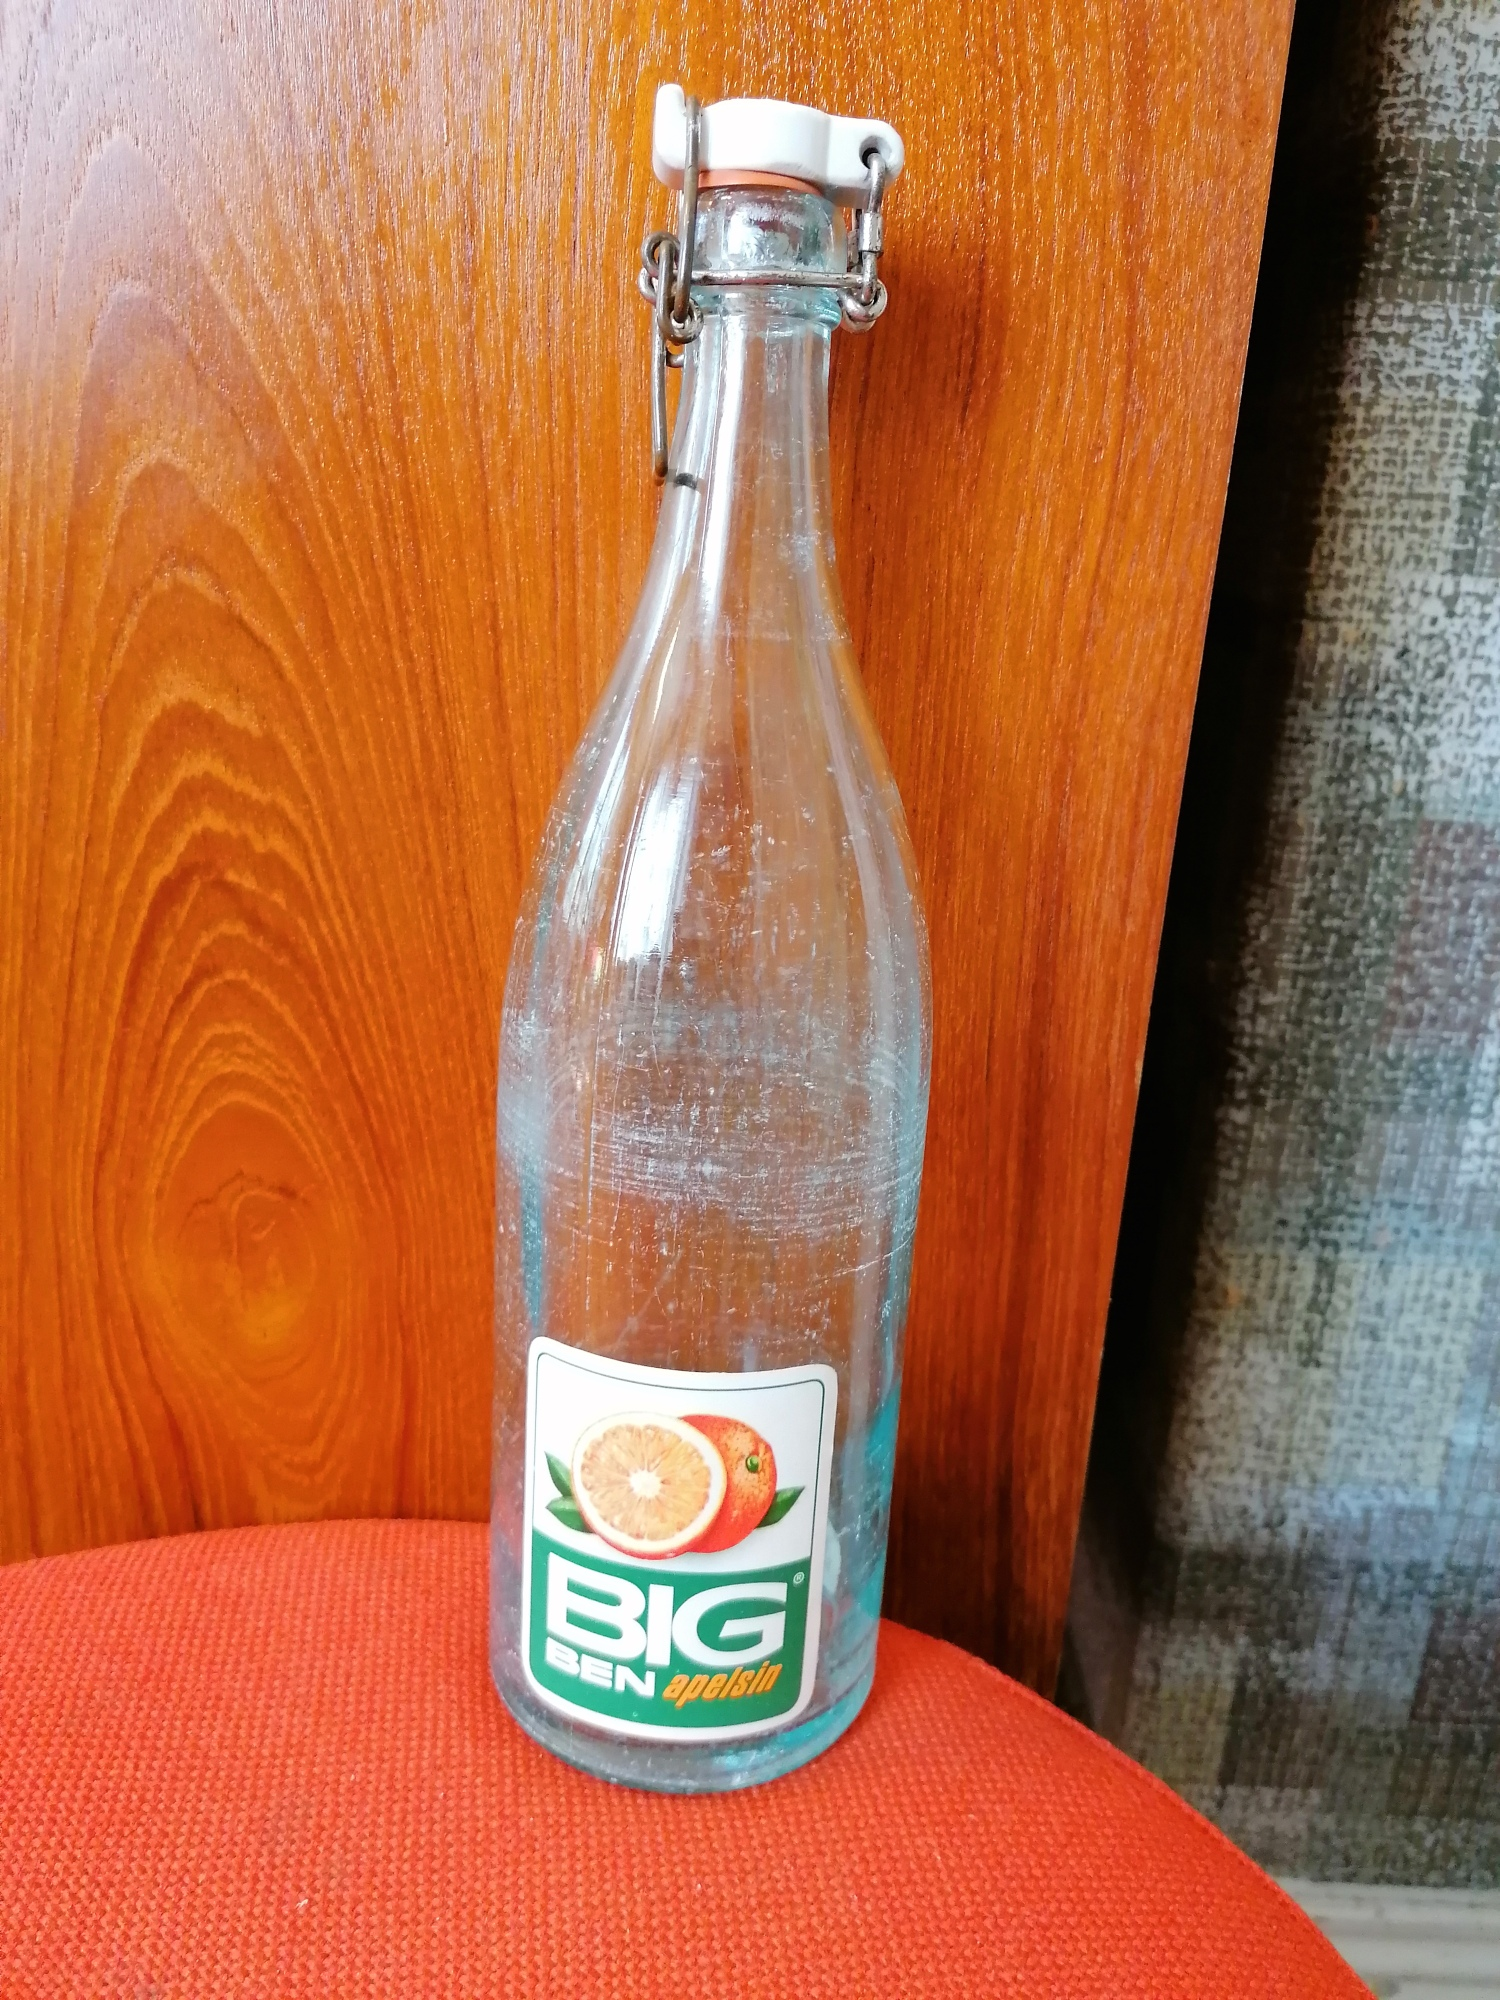 Bancobryggeriets Big Ben Apelsin flaska 30-40 tal